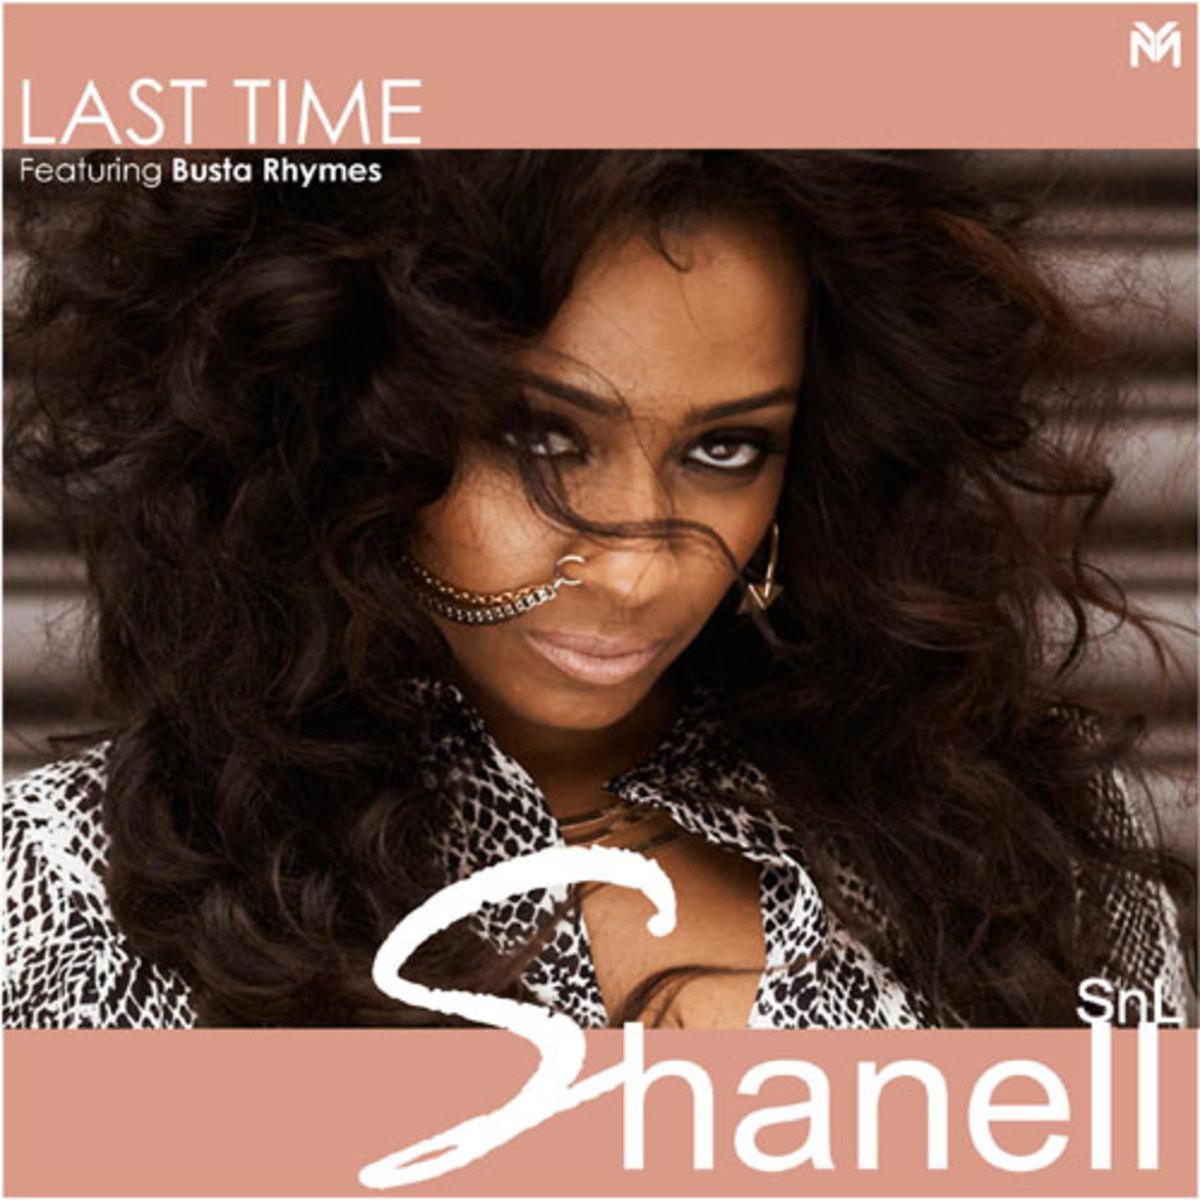 shanell-lasttime.jpg